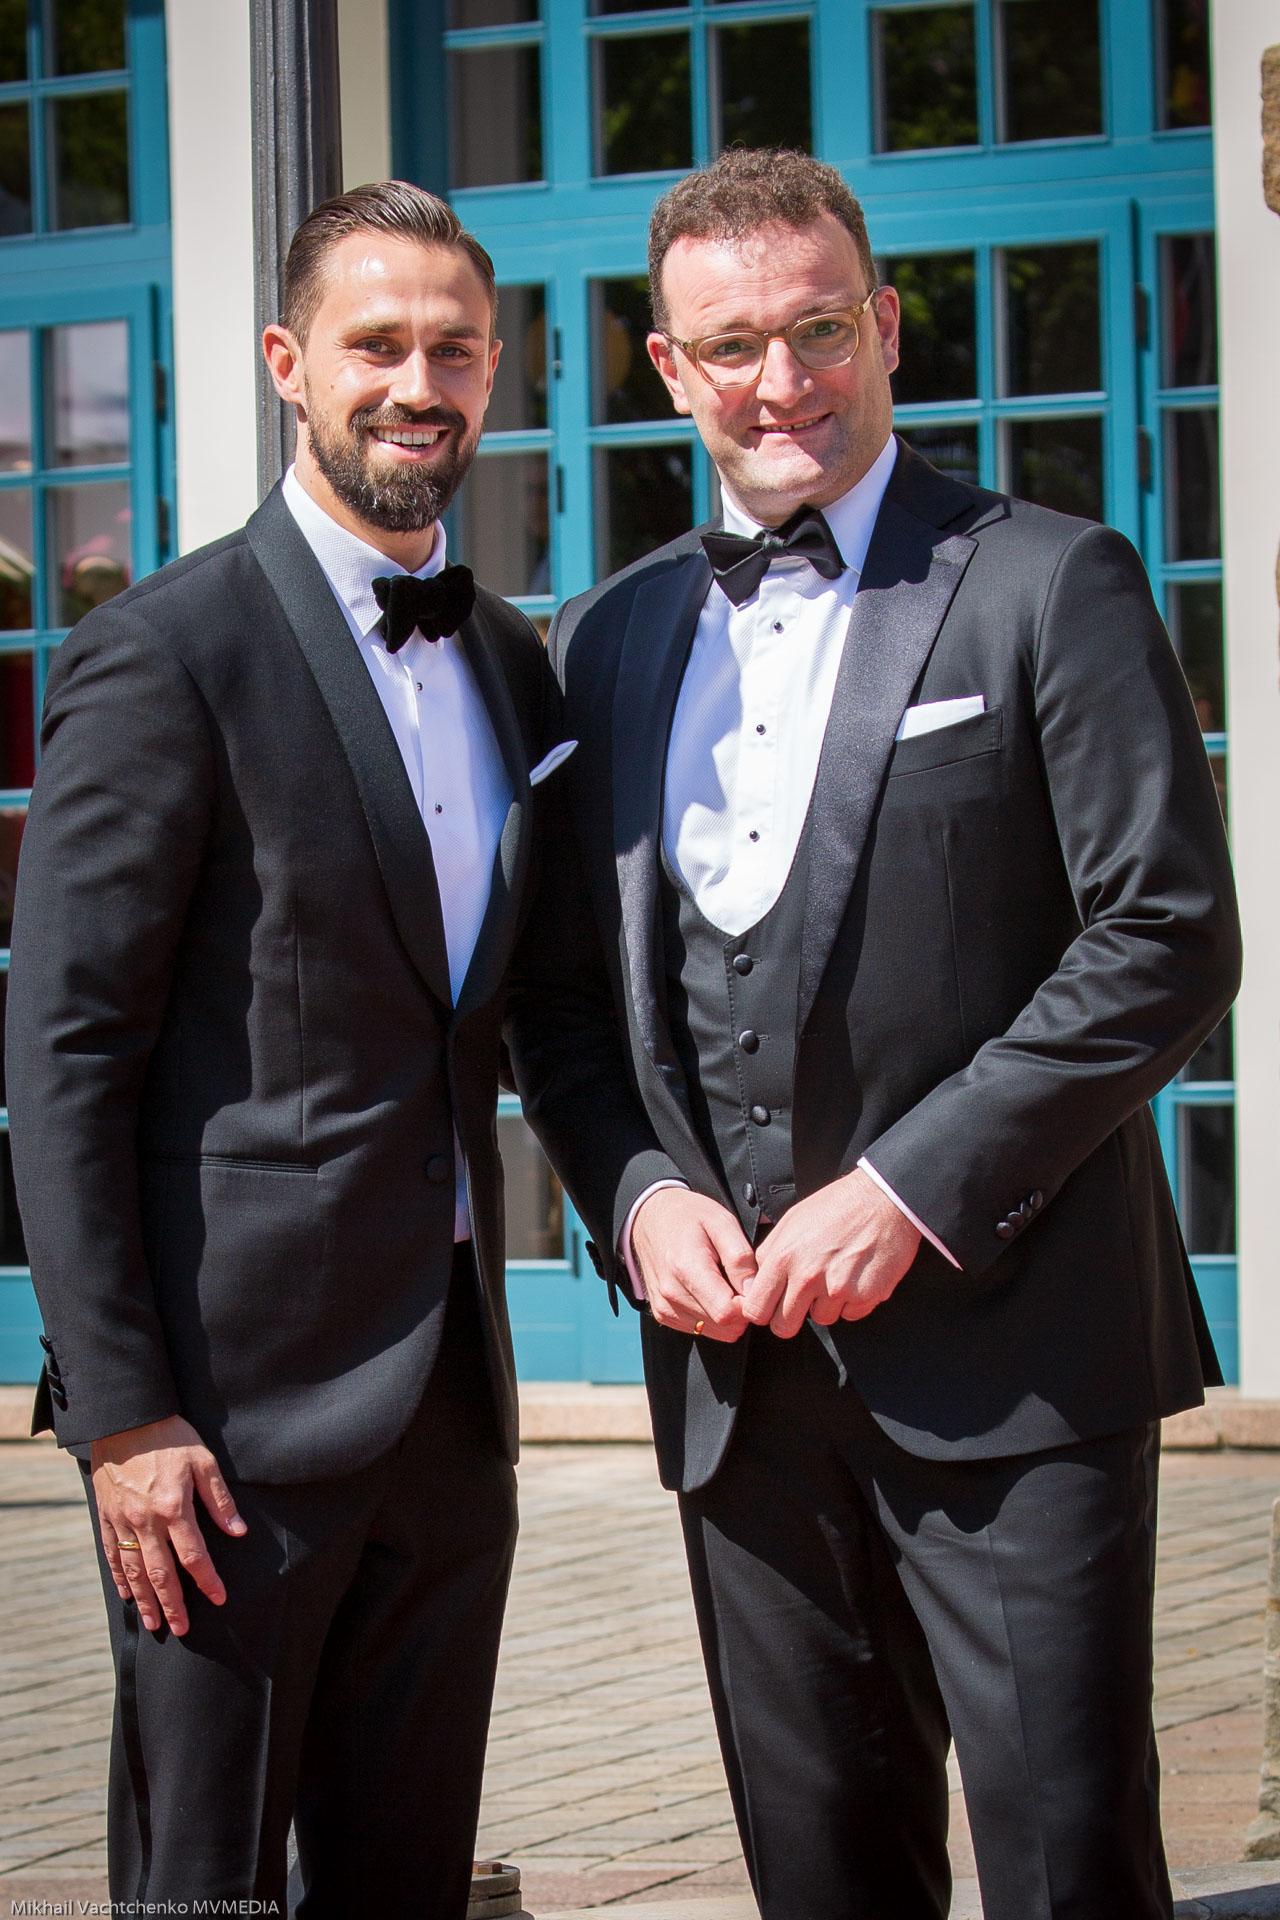 Люди в черном! Министр здравоохранения Йенс Шпан с супругом Даниелем Функе, сделали такой четкий знак гомосексуализма.